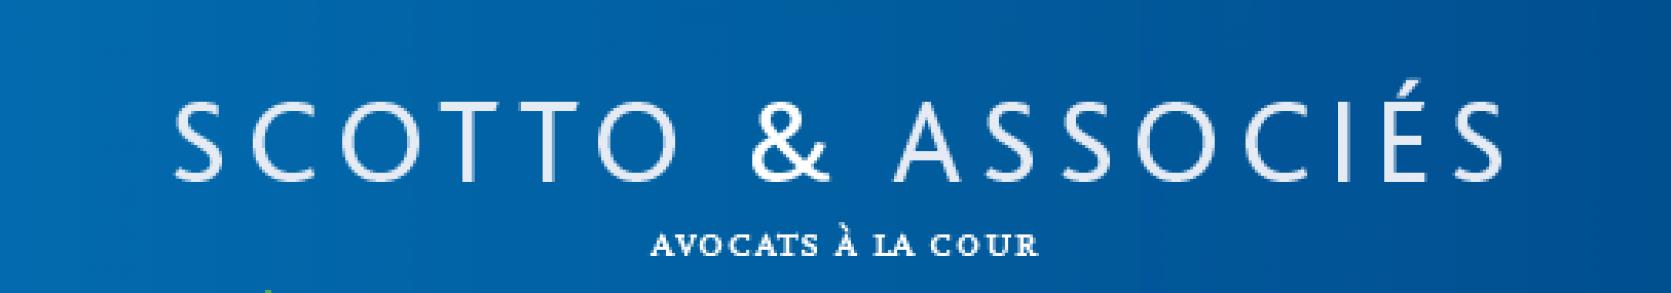 Claire Revol-Renié devient le sixième associé du département corporate du cabinet Scotto & Associés